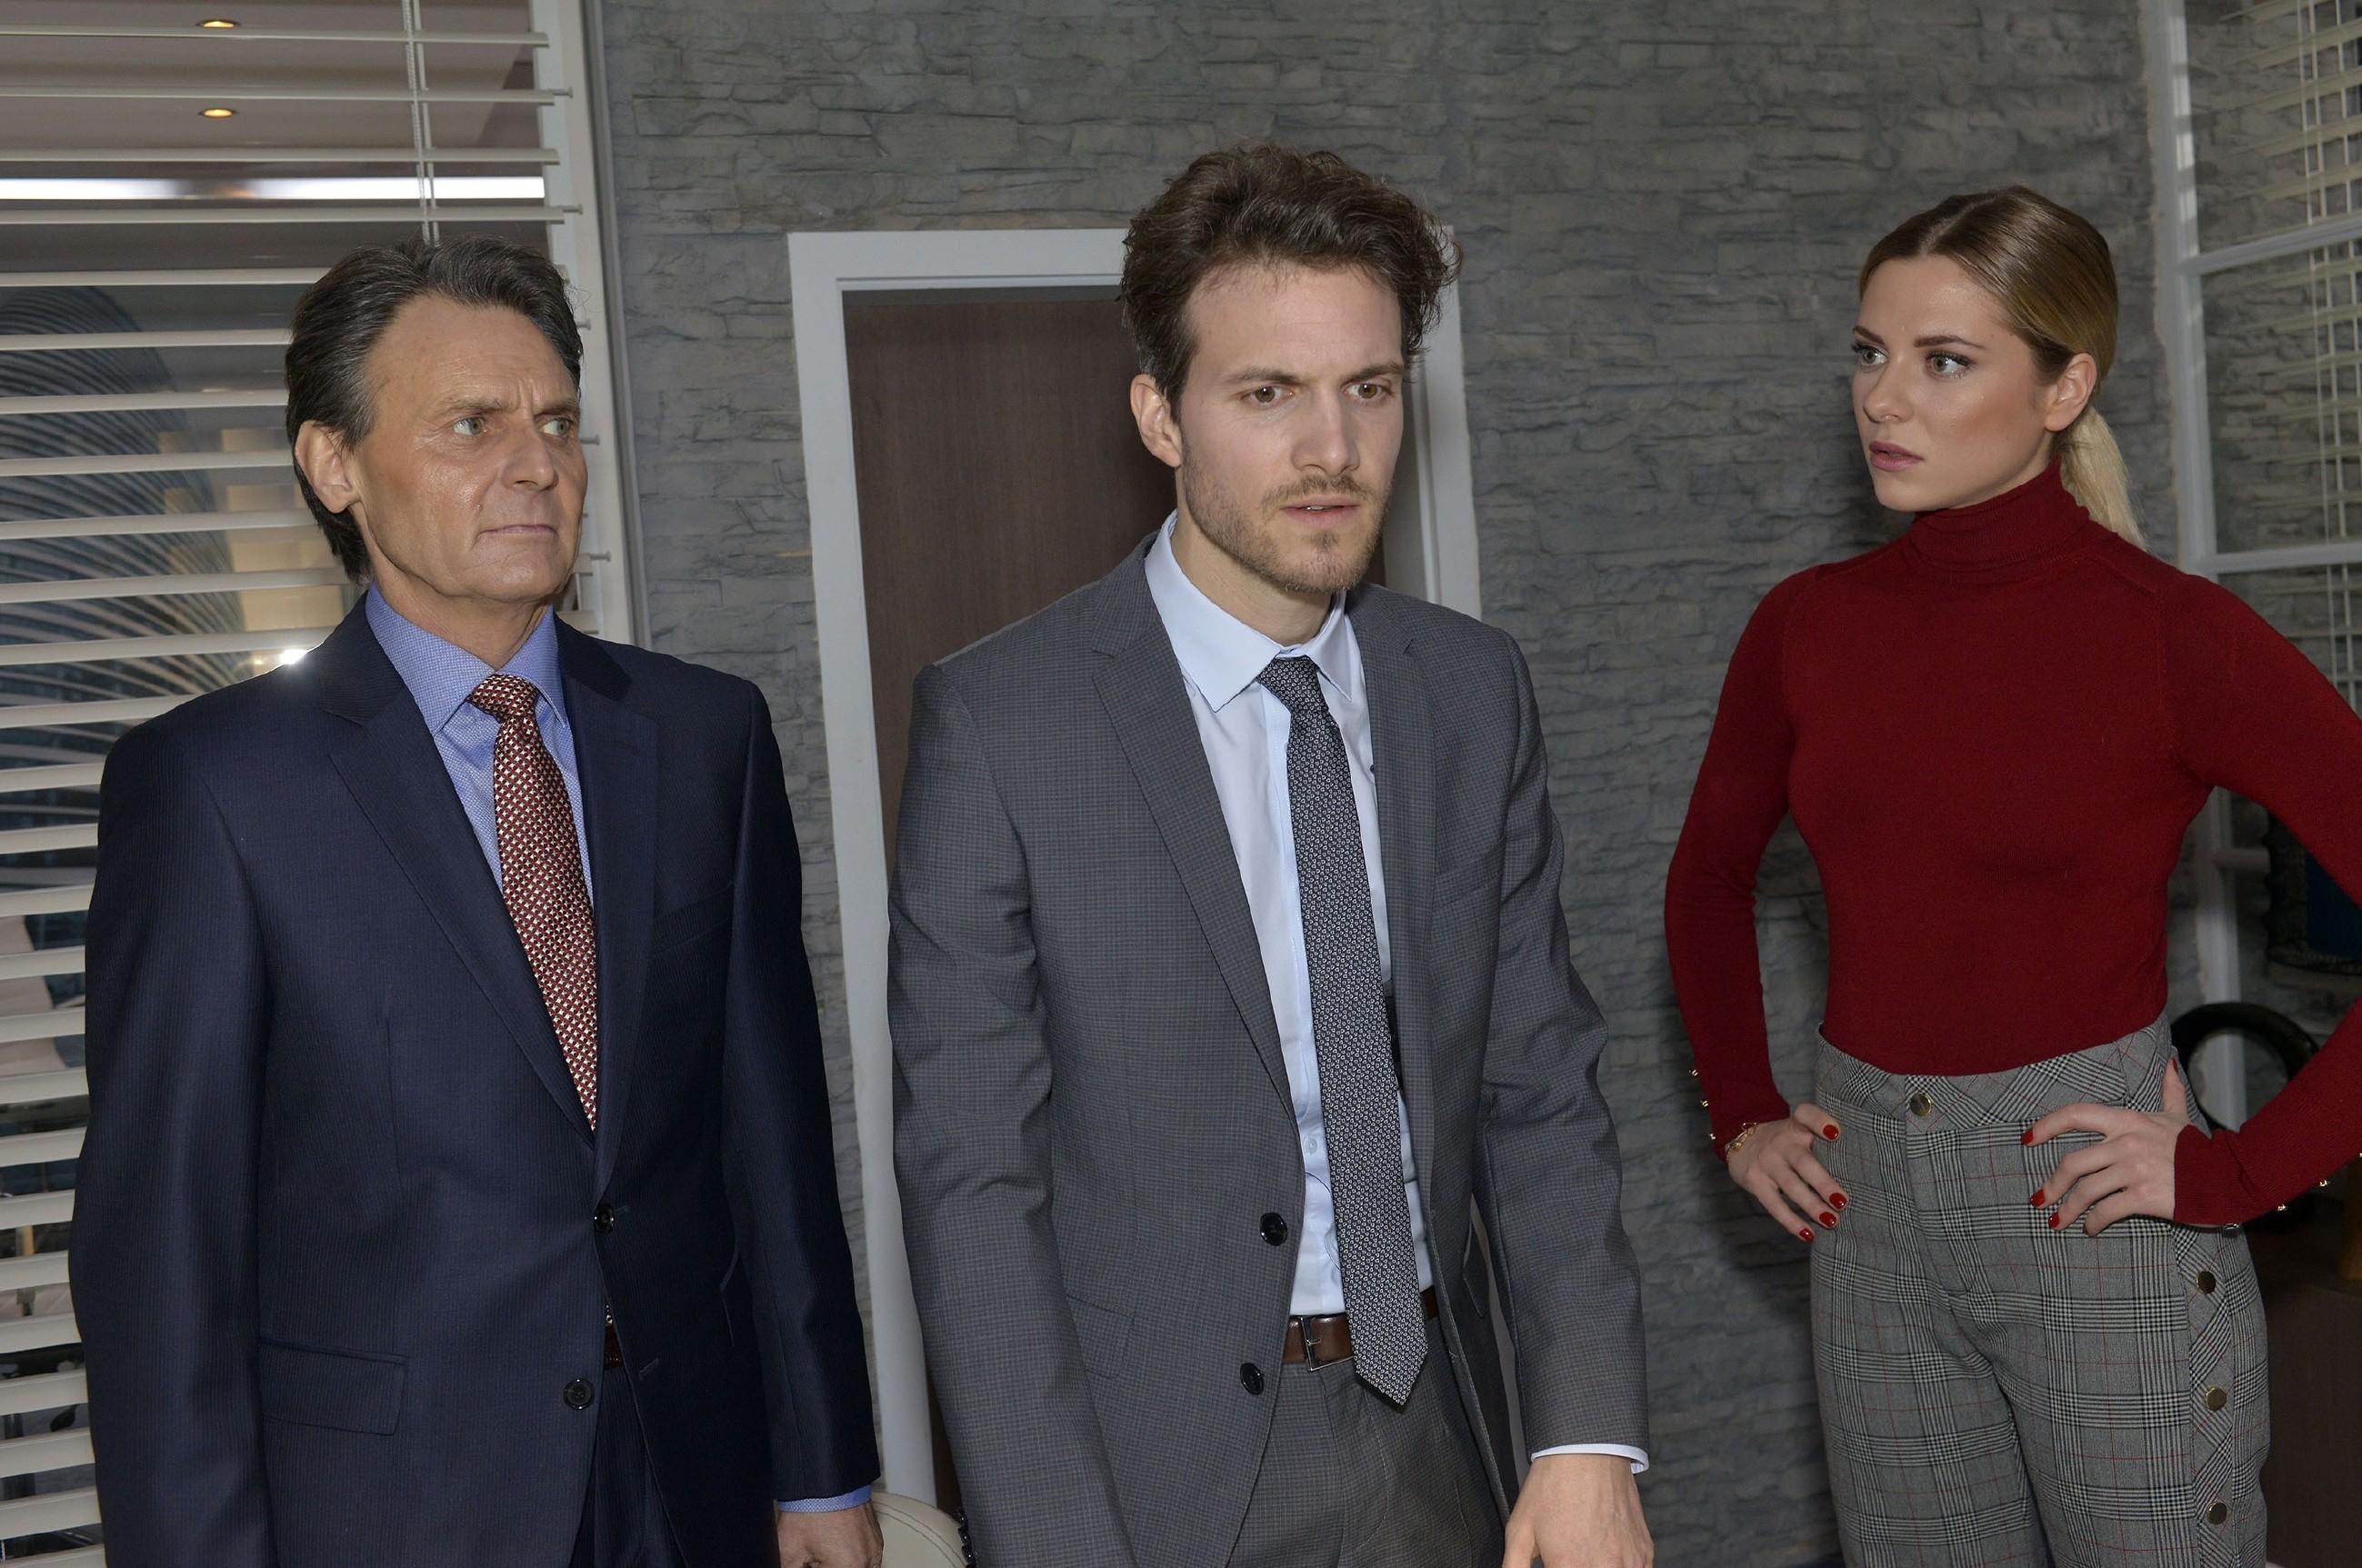 Um sich nicht zu verraten, setzt sich Felix (Thaddäus Meilinger, M.) vor Sunny (Valentina Pahde) und Jo Gerner (Wolfgang Bahro) für Chris ein. (Quelle: RTL / Rolf Baumgartner)